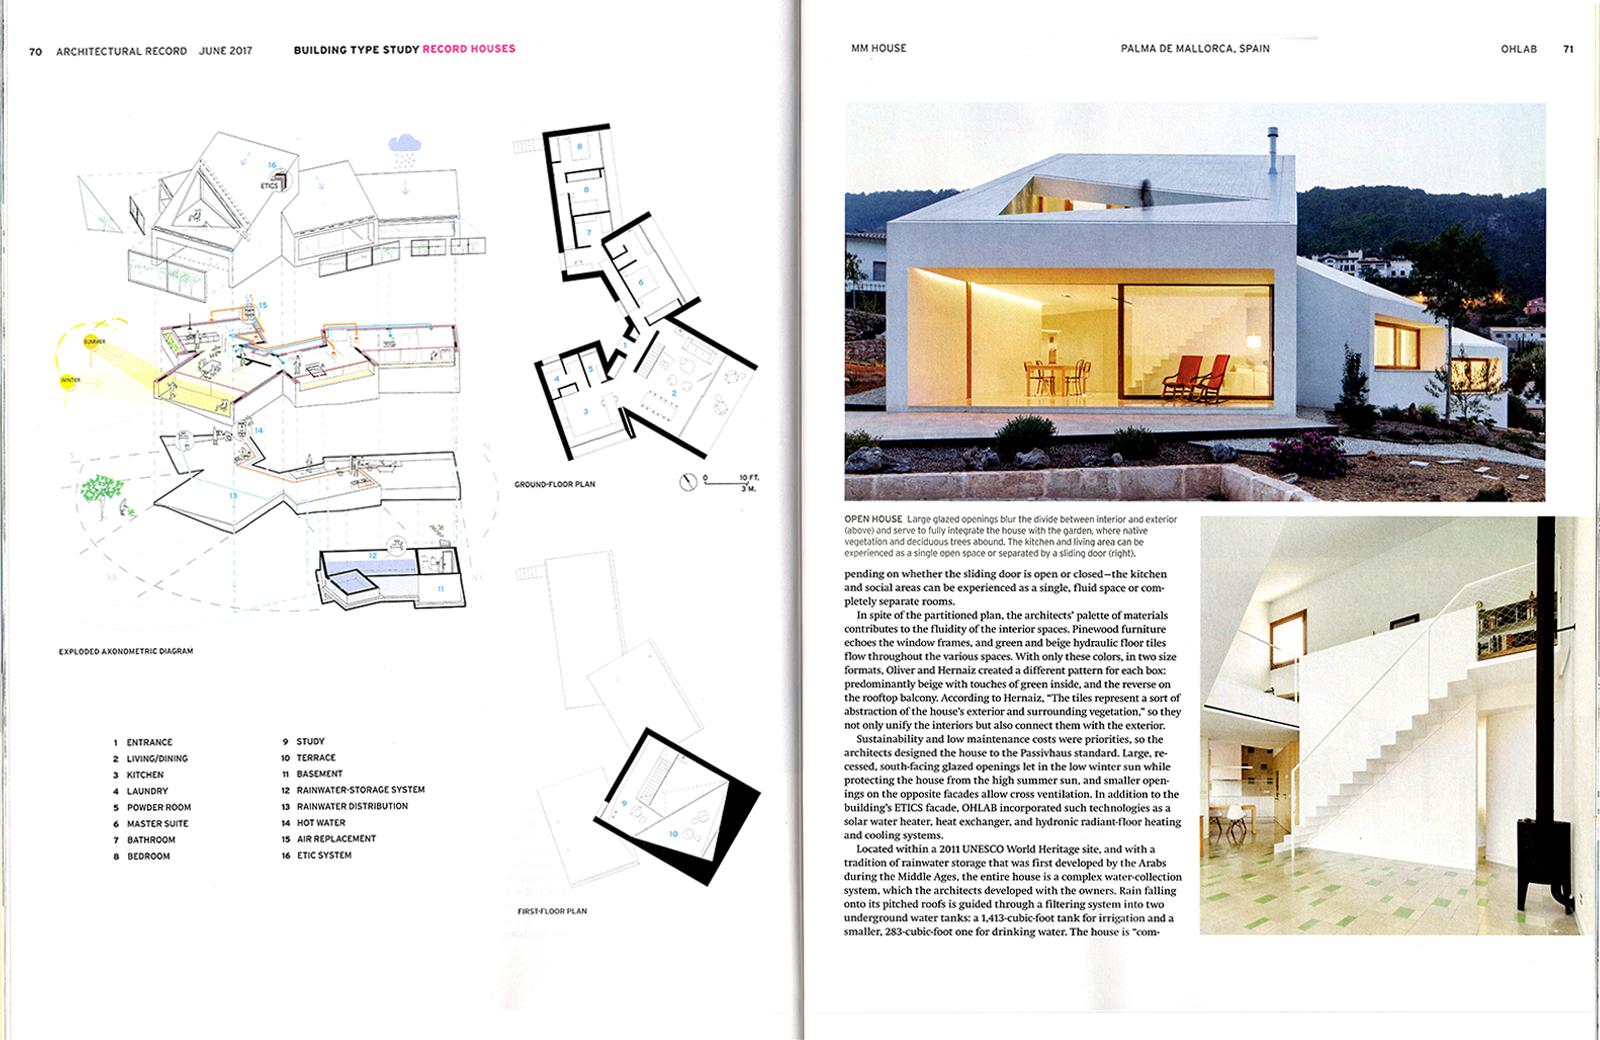 170612_architectural-record_02